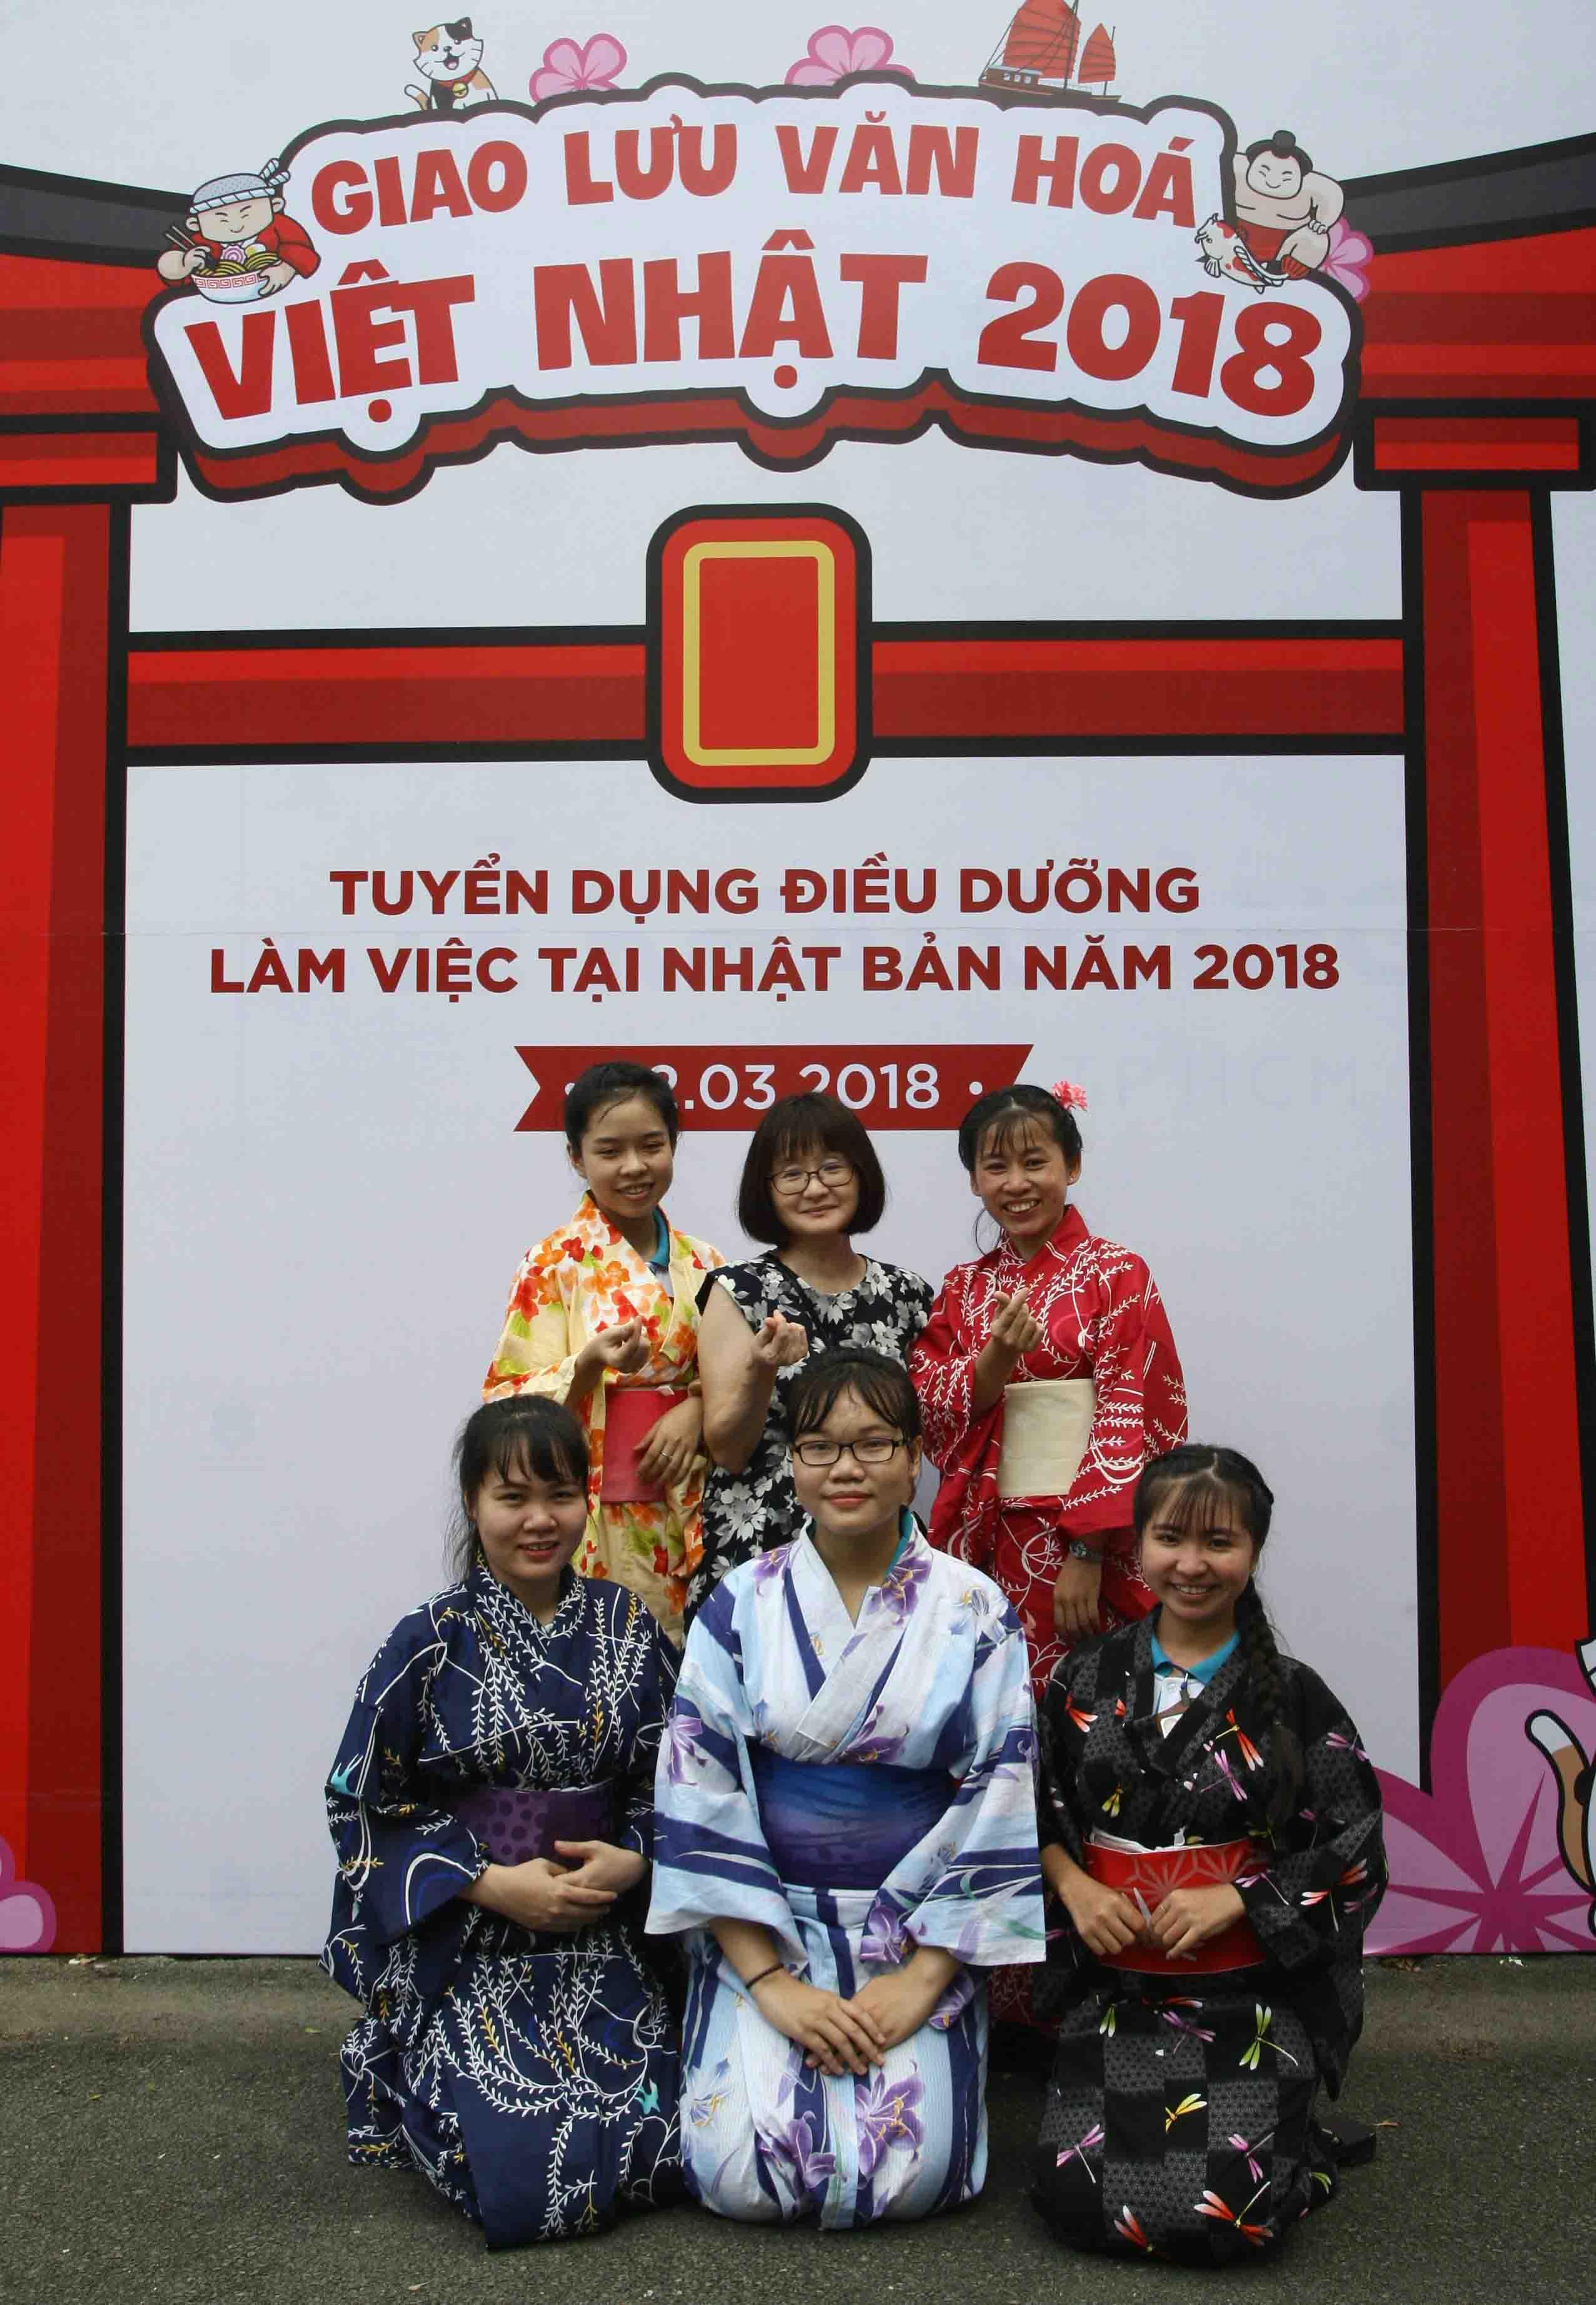 giao lưu văn hóa Việt Nhật tại Bách Khoa Sài Gòn